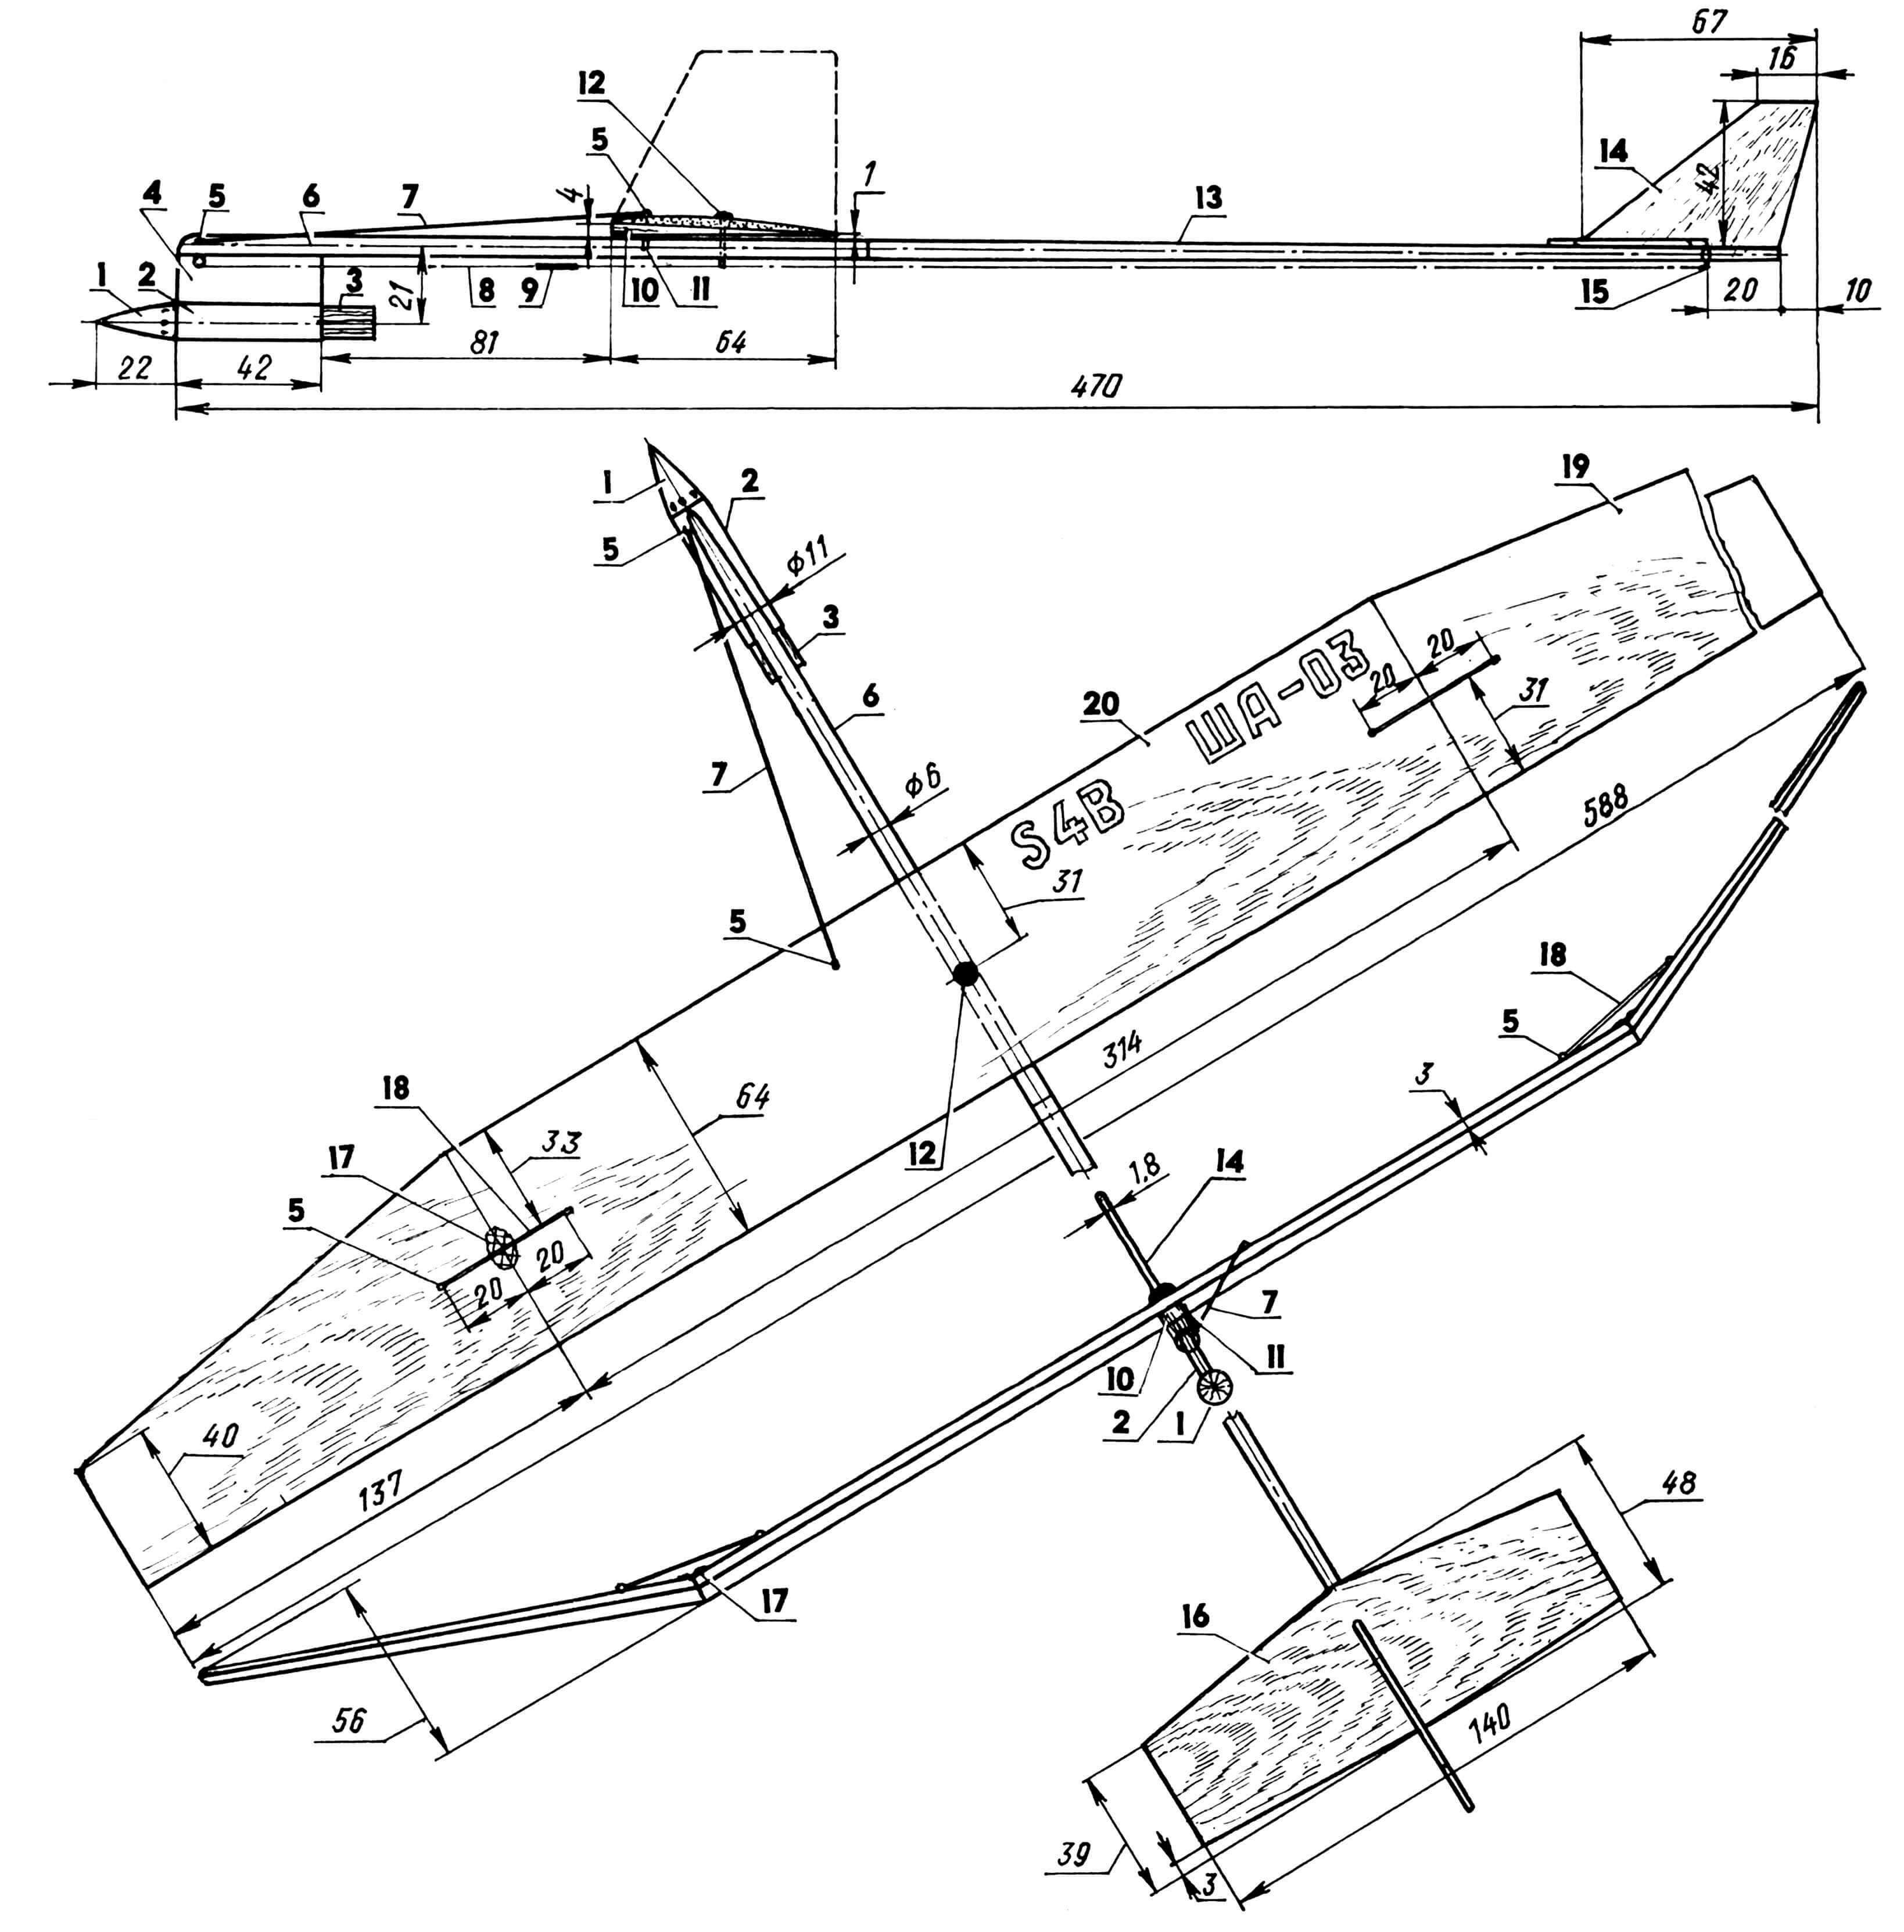 Модель класса S4B чемпиона мира 1998 г. среди юношей А.Шматова: 1 — обтекатель контейнера МРД; 2 — контейнер МРД; 3 — МРД; 4 — пилон; 5 — крючки для резинок; 6 — балка силовая (фюзеляж); 7 — резинка возврата крыла; 8 — тяга детермализатора; 9 — грузик детермализатора; 10 — пилон крыла; 11—упор крыла в раскрытом виде (для планирования); 12 — винт крепления крыла к фюзеляжу; 13 — балка хвостовая; 14 — киль; 15 — крючок подвески тяги детермализатора; 16 — стабилизатор; 17 — наплыв-усиление для резинки; 18 — резинки возврата консоли; 19 — консоль; 20—центроплан.